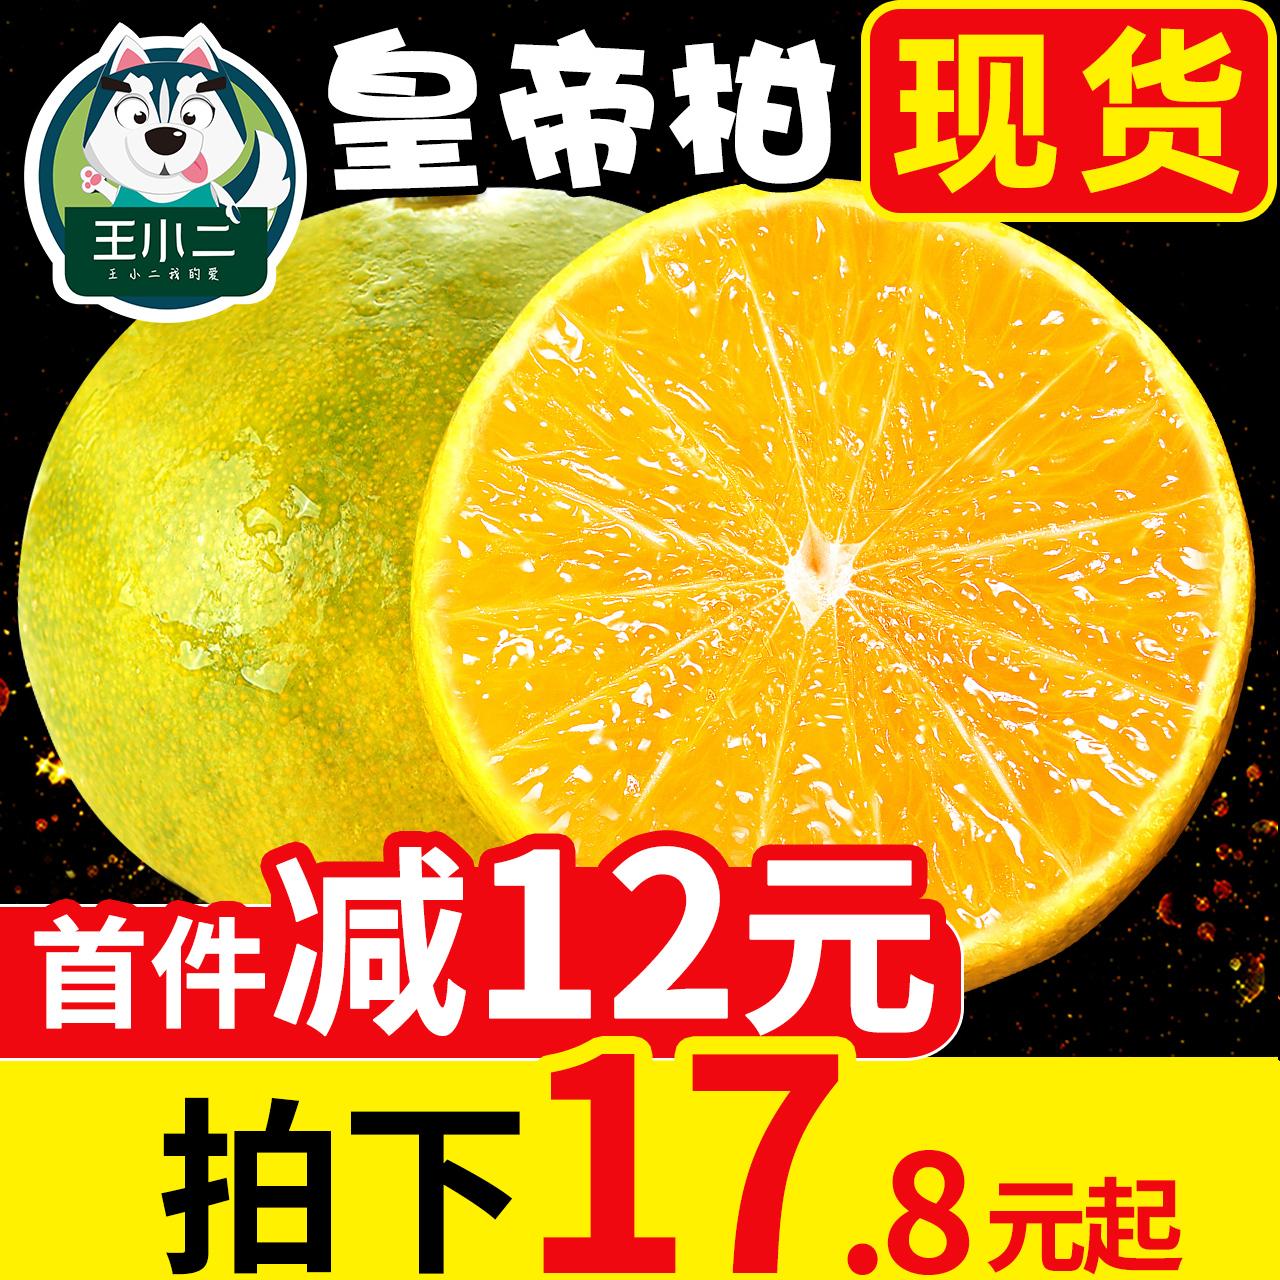 广西皇帝柑大果 橘子新鲜水果包邮当季整箱贡柑桔子蜜桔柑橘5斤10